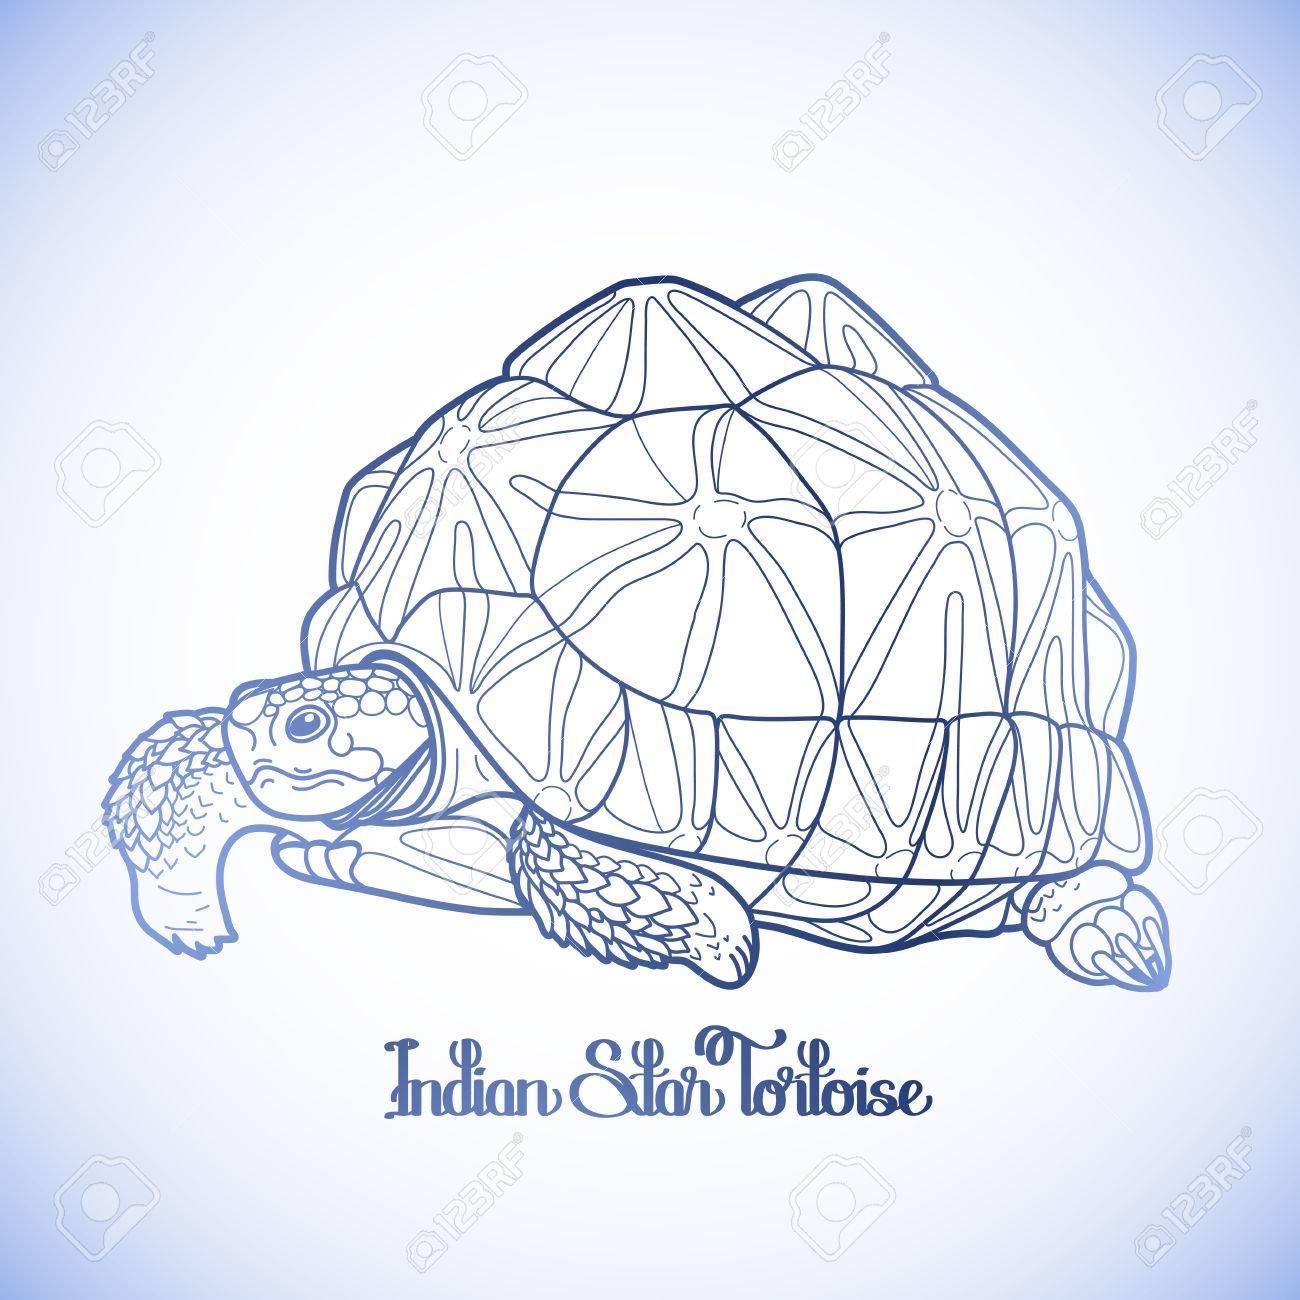 Grafik Indische Stern-Schildkröte Im Einklang Kunststil In Den ...